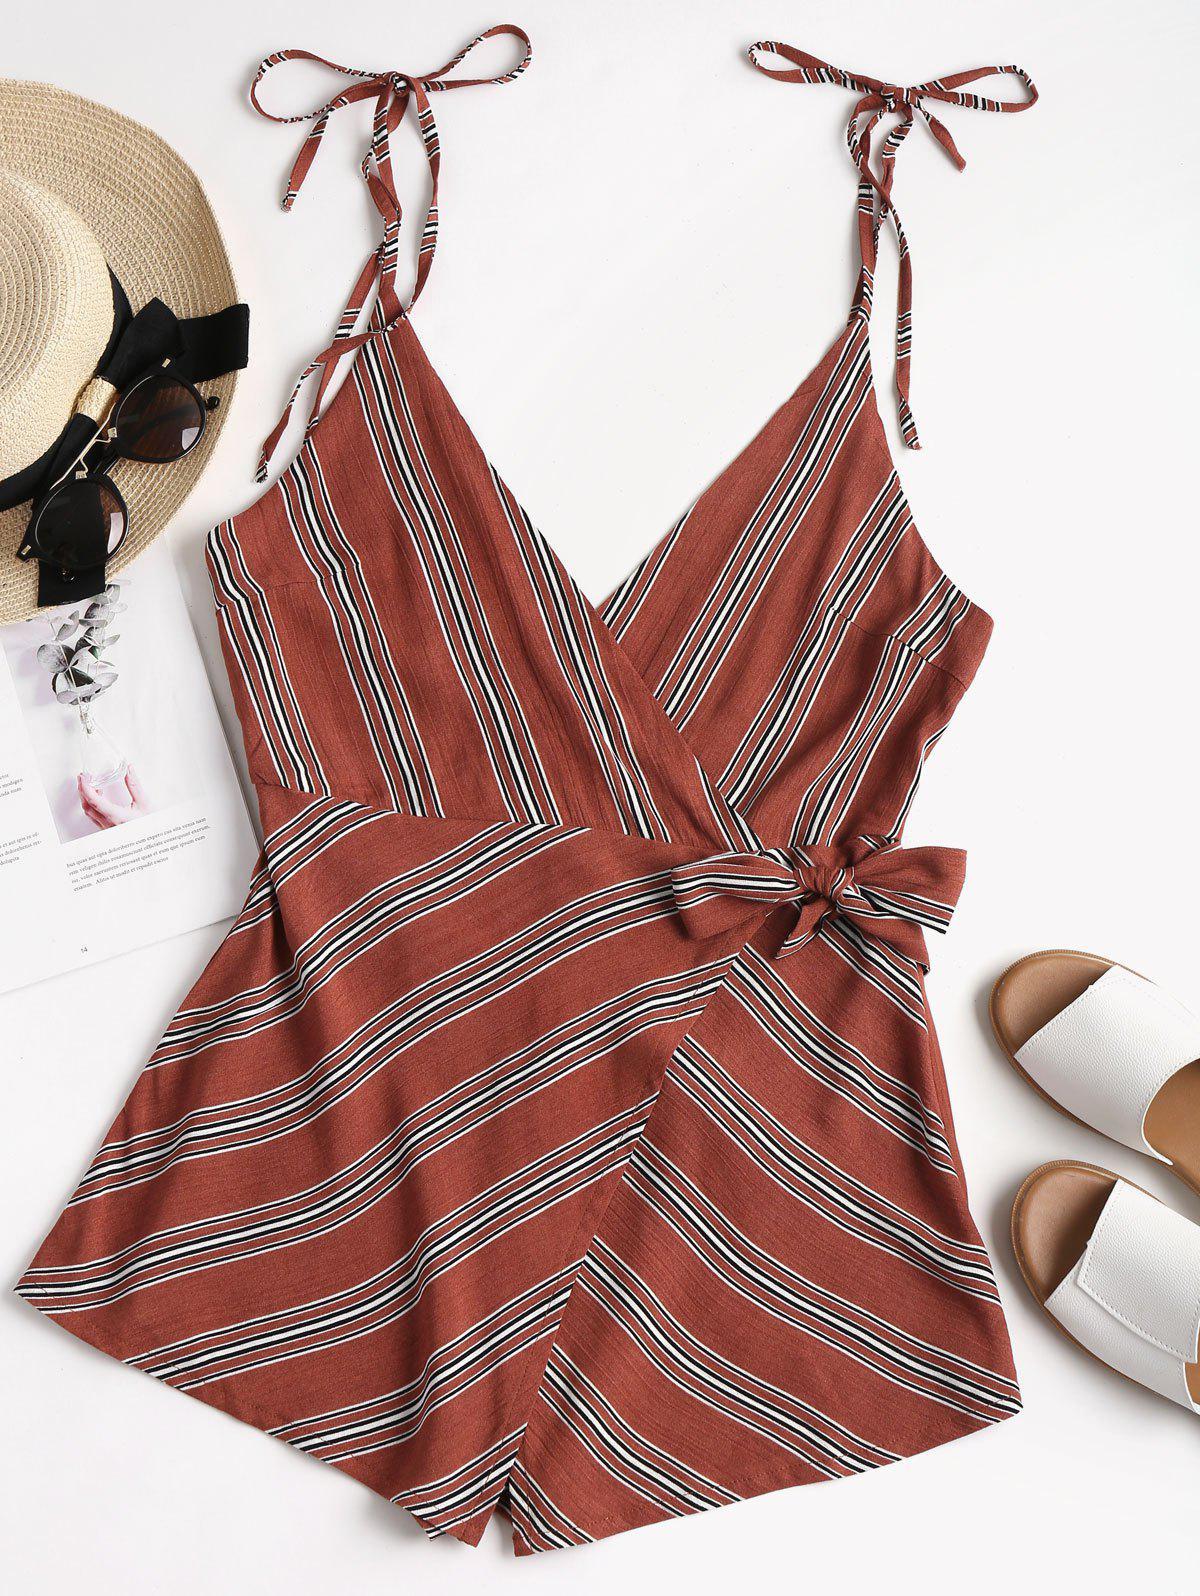 Backless Striped Overlap Romper 261456401